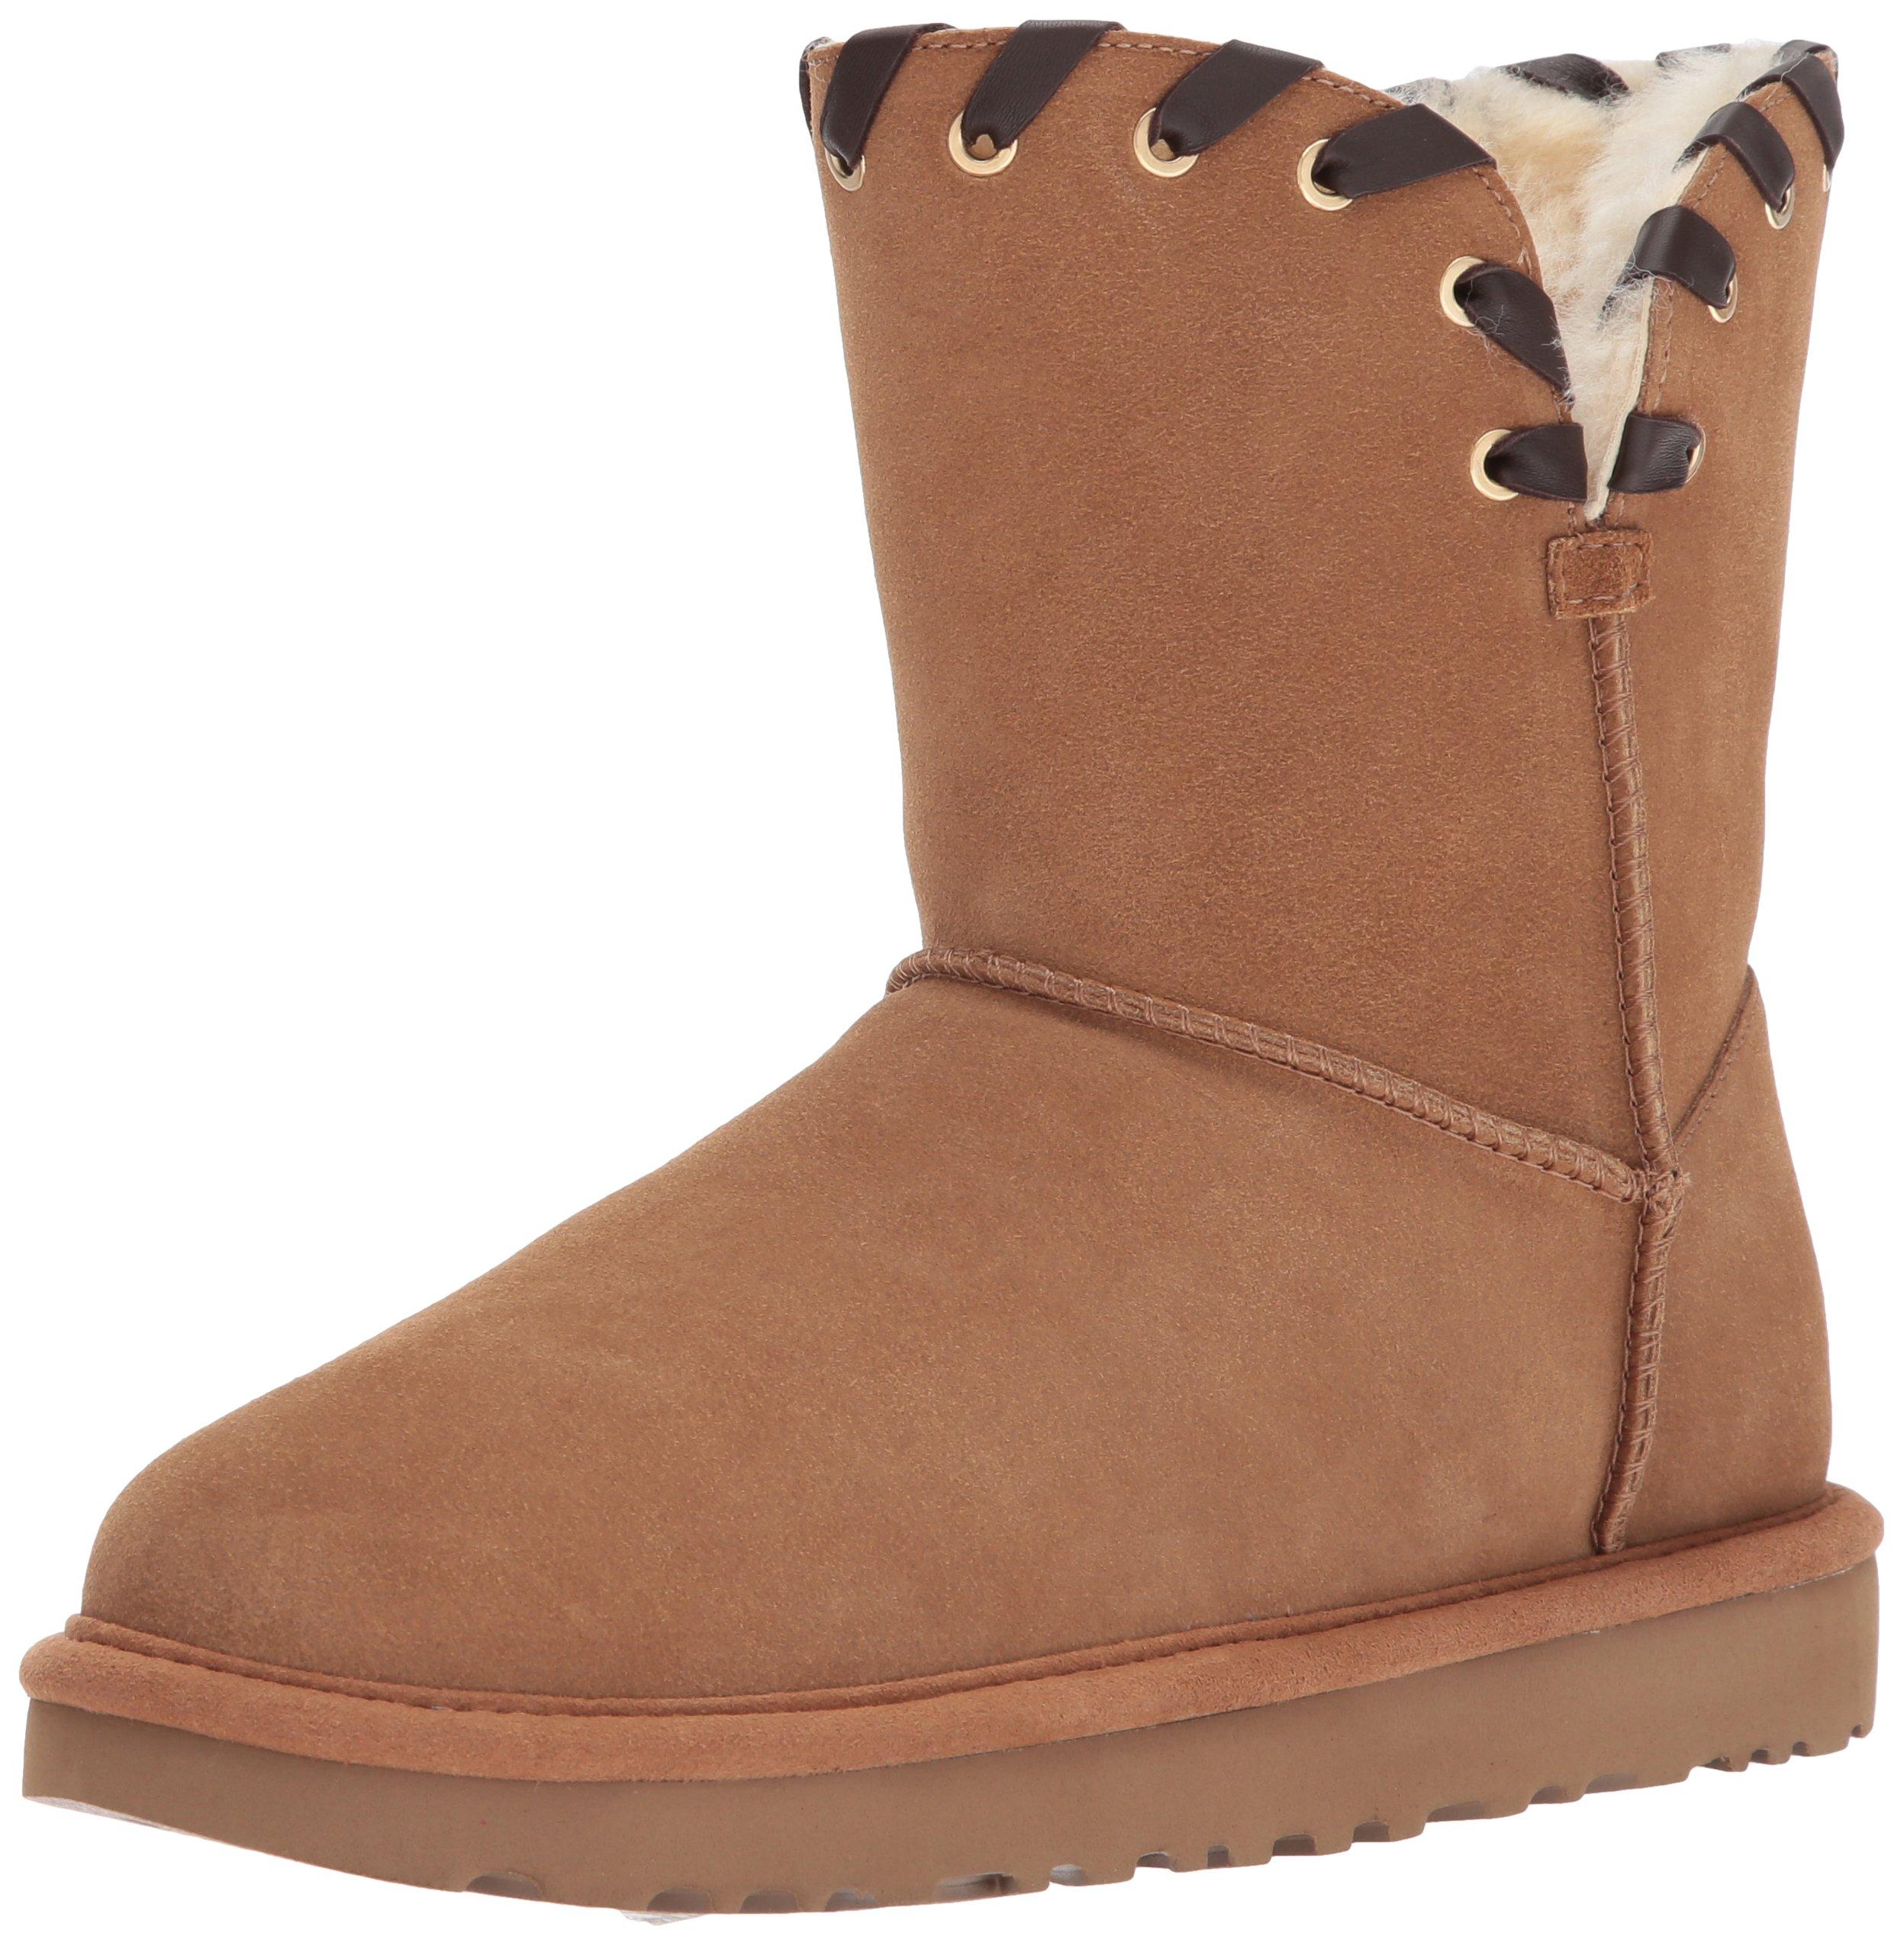 UGG Women's Aidah Winter Boot, Chestnut, 6 M US